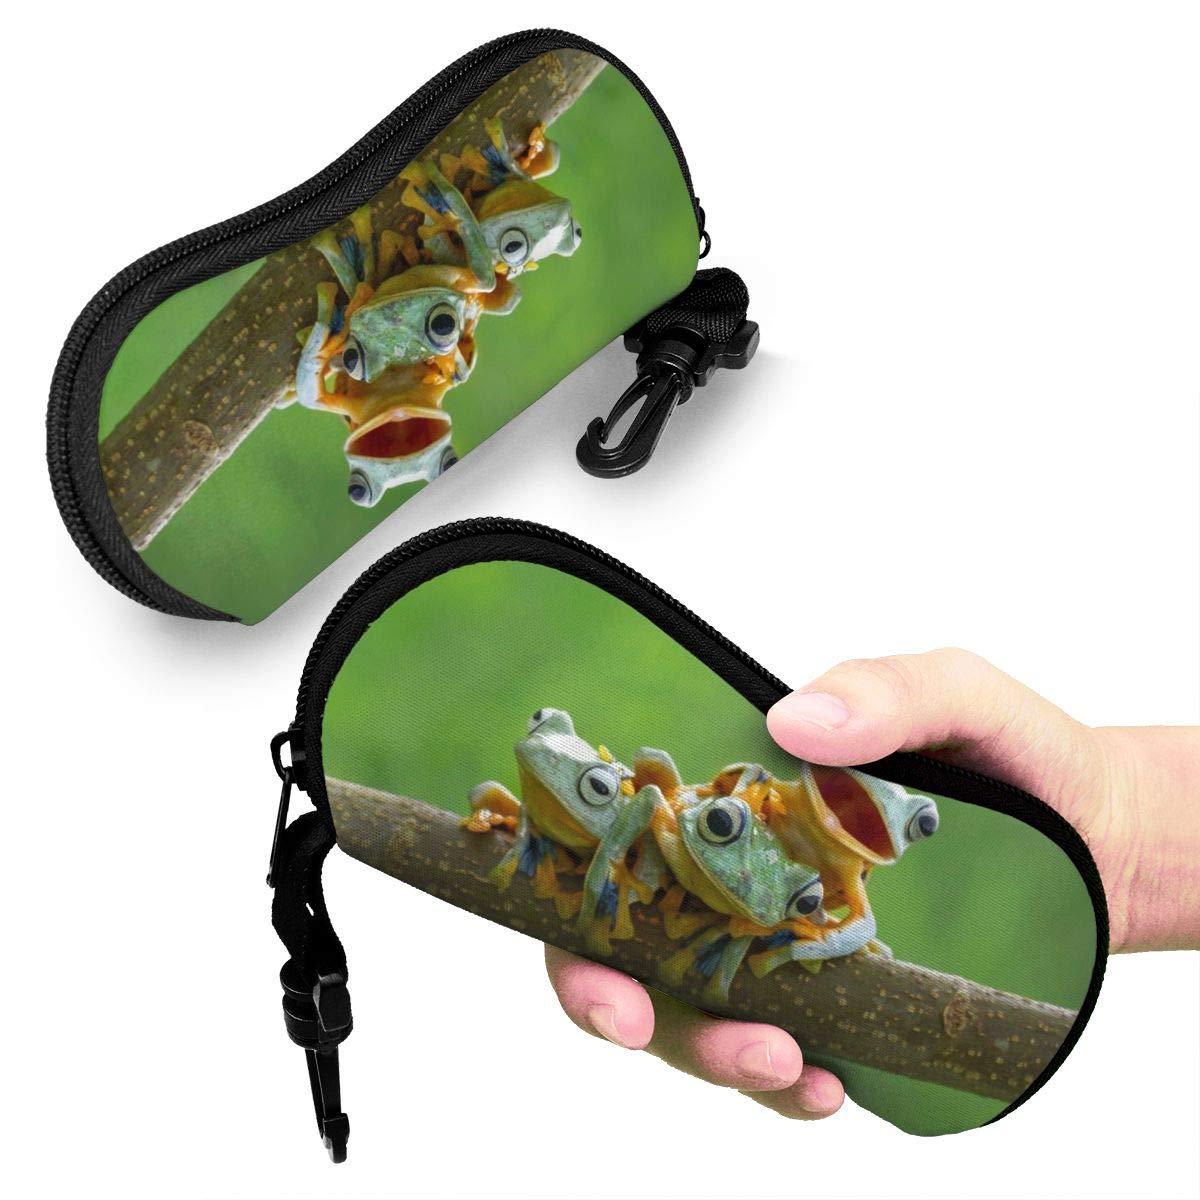 Spring Floral Flower Hummingbird Sunglasses Soft Case Ultra Light Neoprene Zipper Eyeglass Case With Carabiner For Men Women